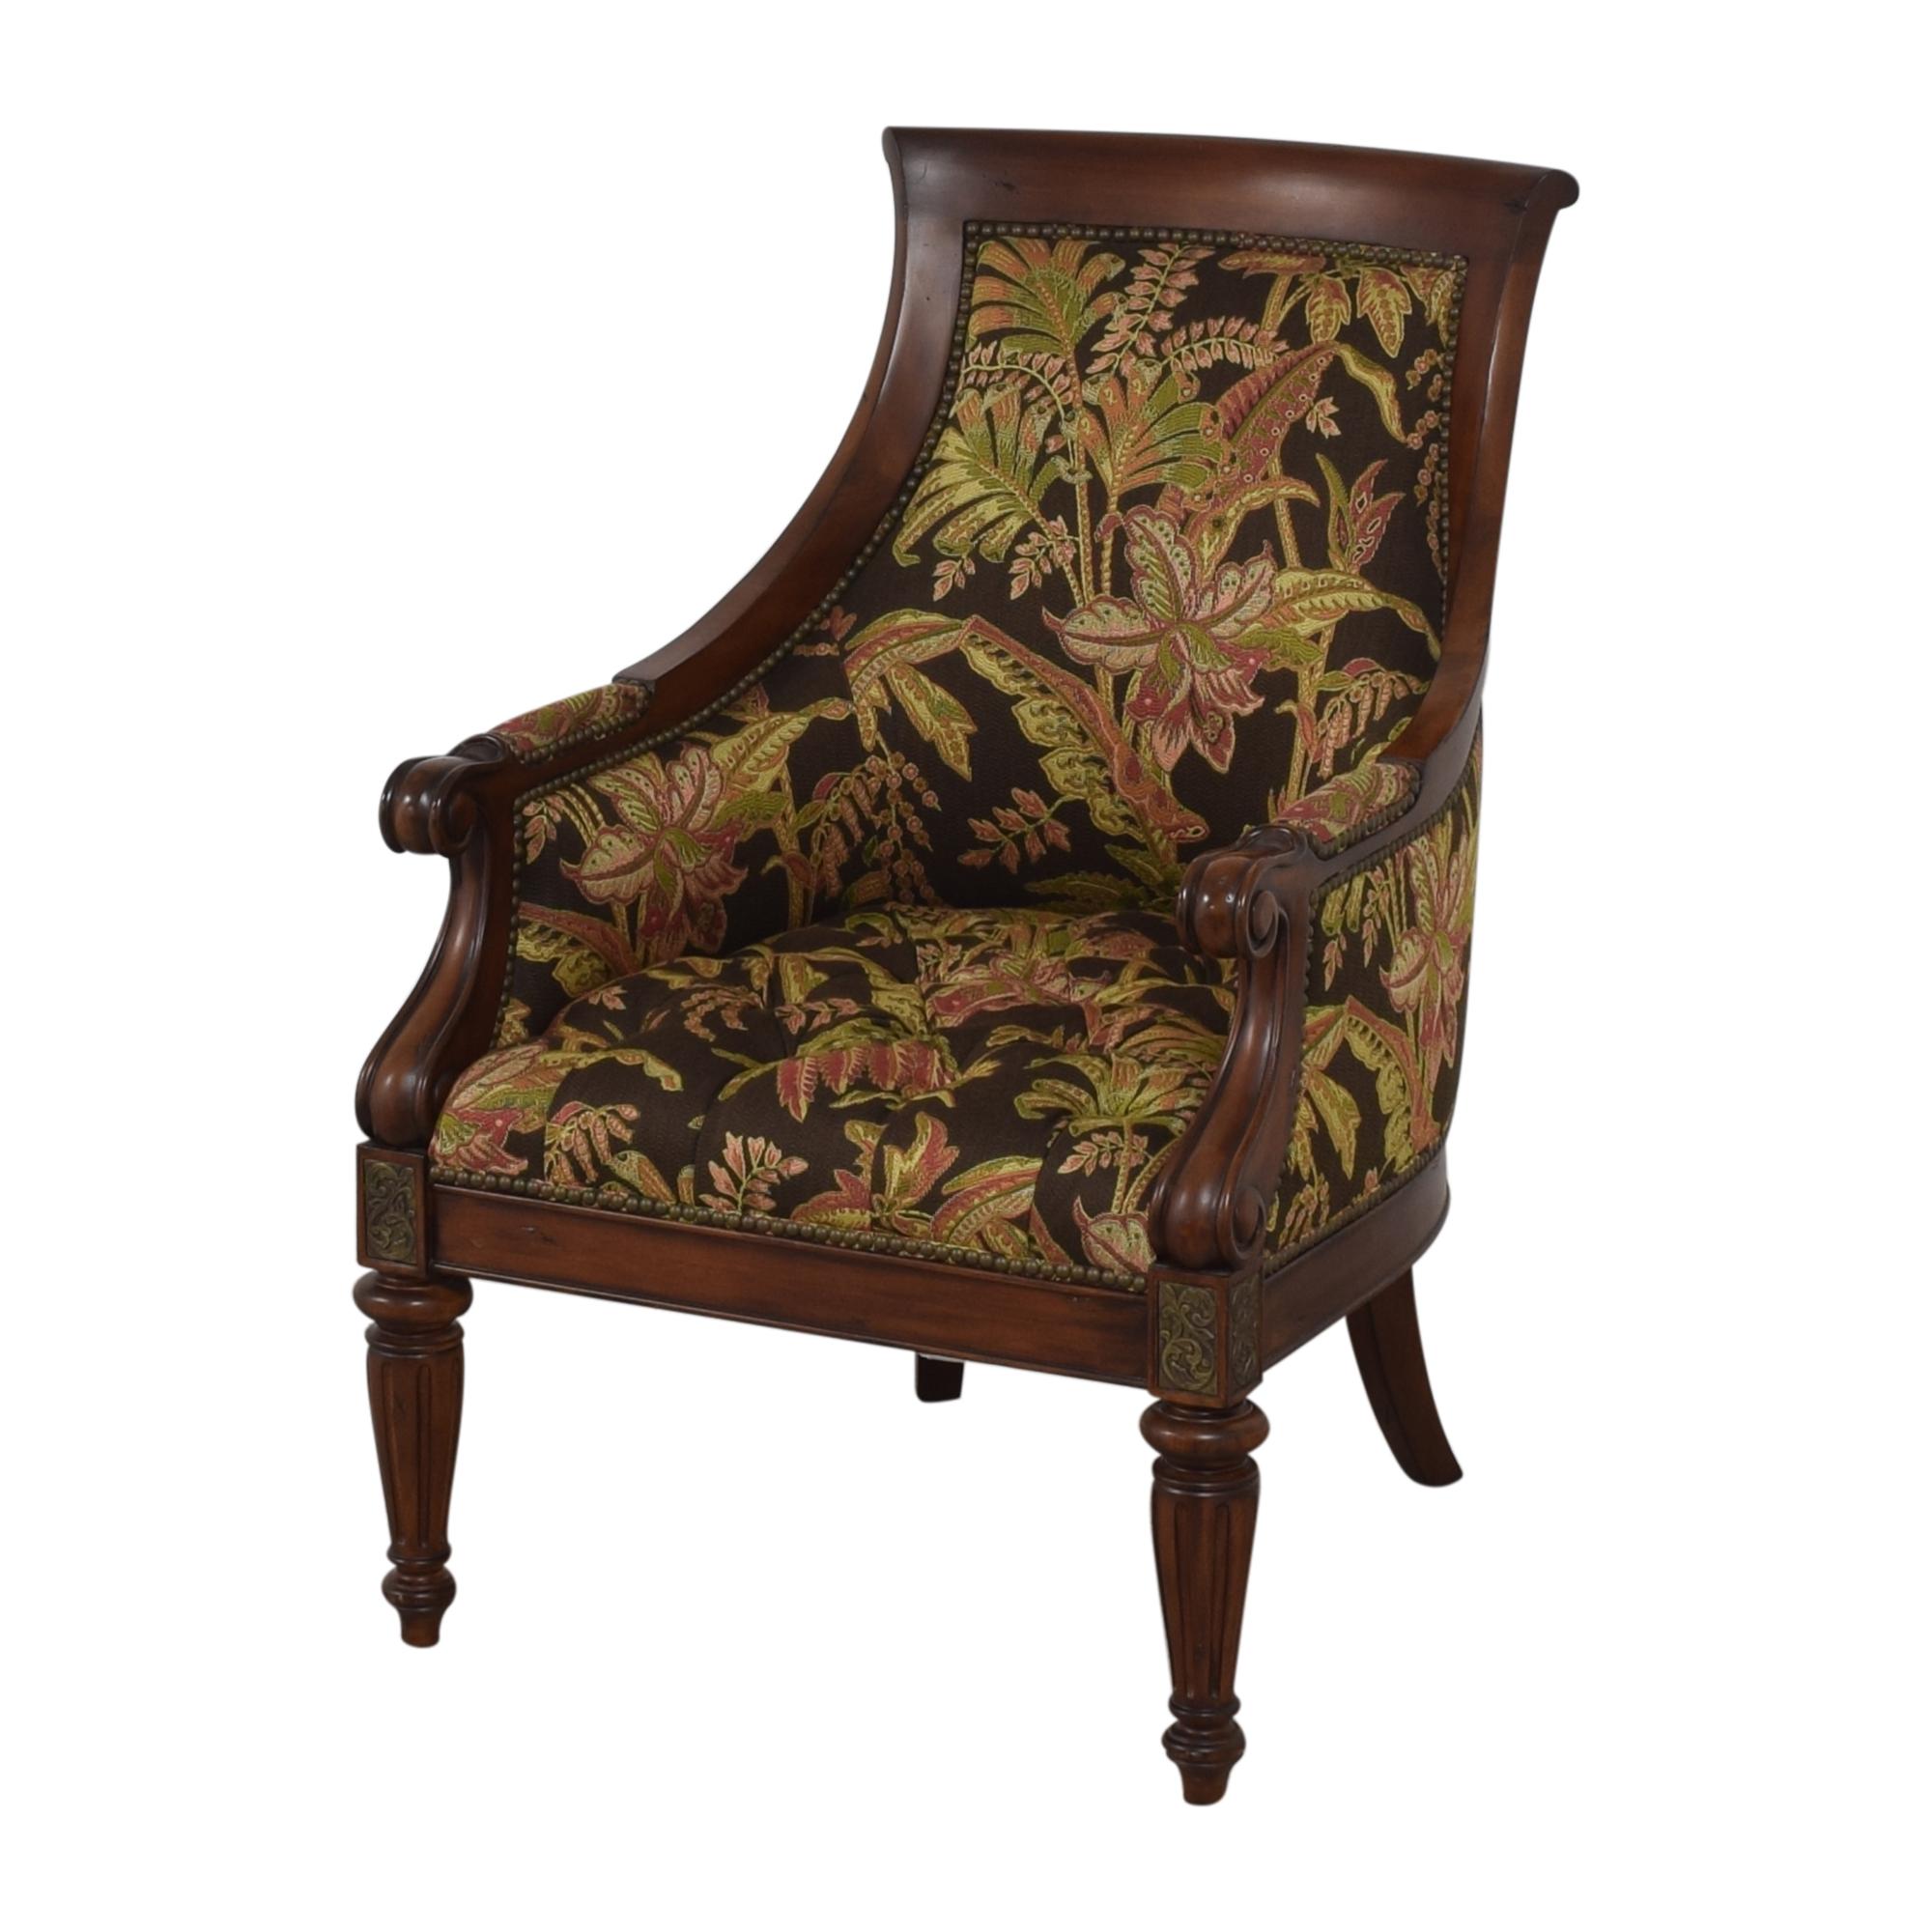 Thomasville Thomasville Ernest Hemingway Anson Accent Chair ct